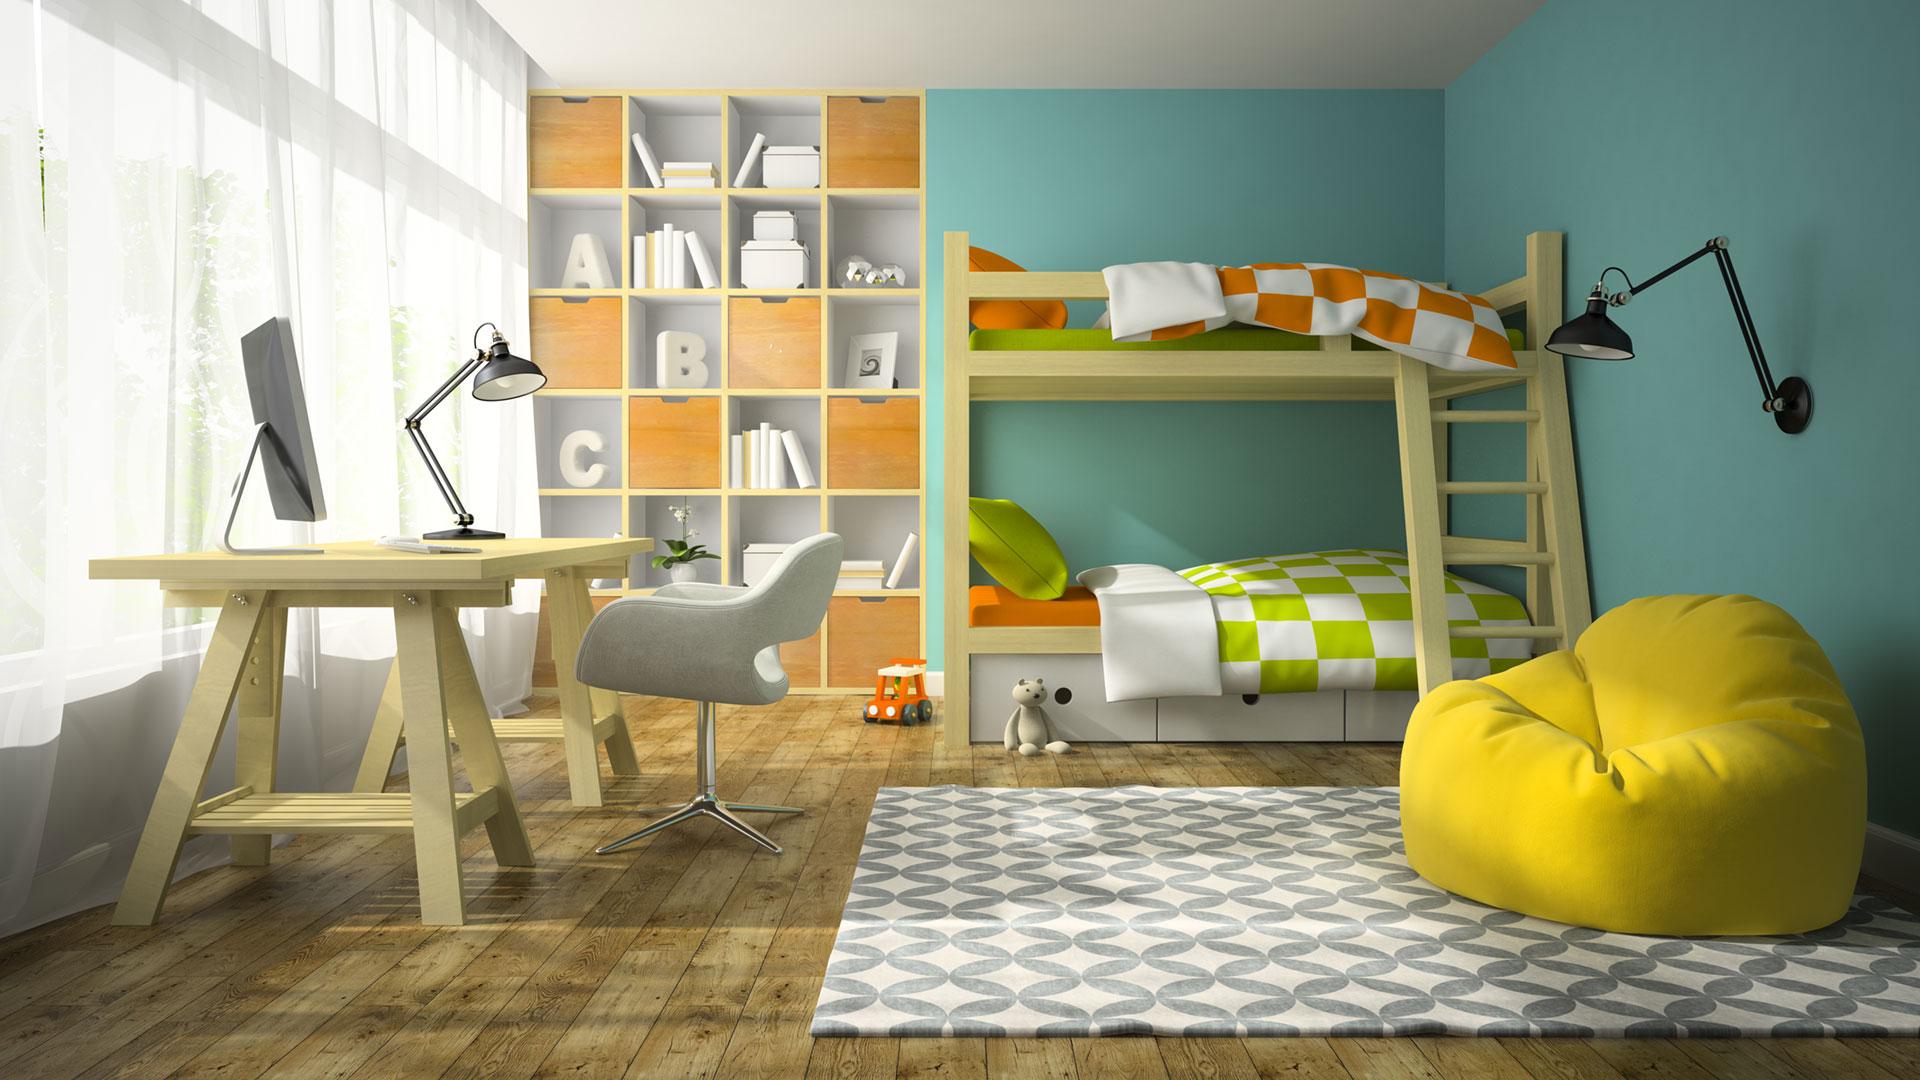 Kinderzimmer Ideen zur Gestaltung